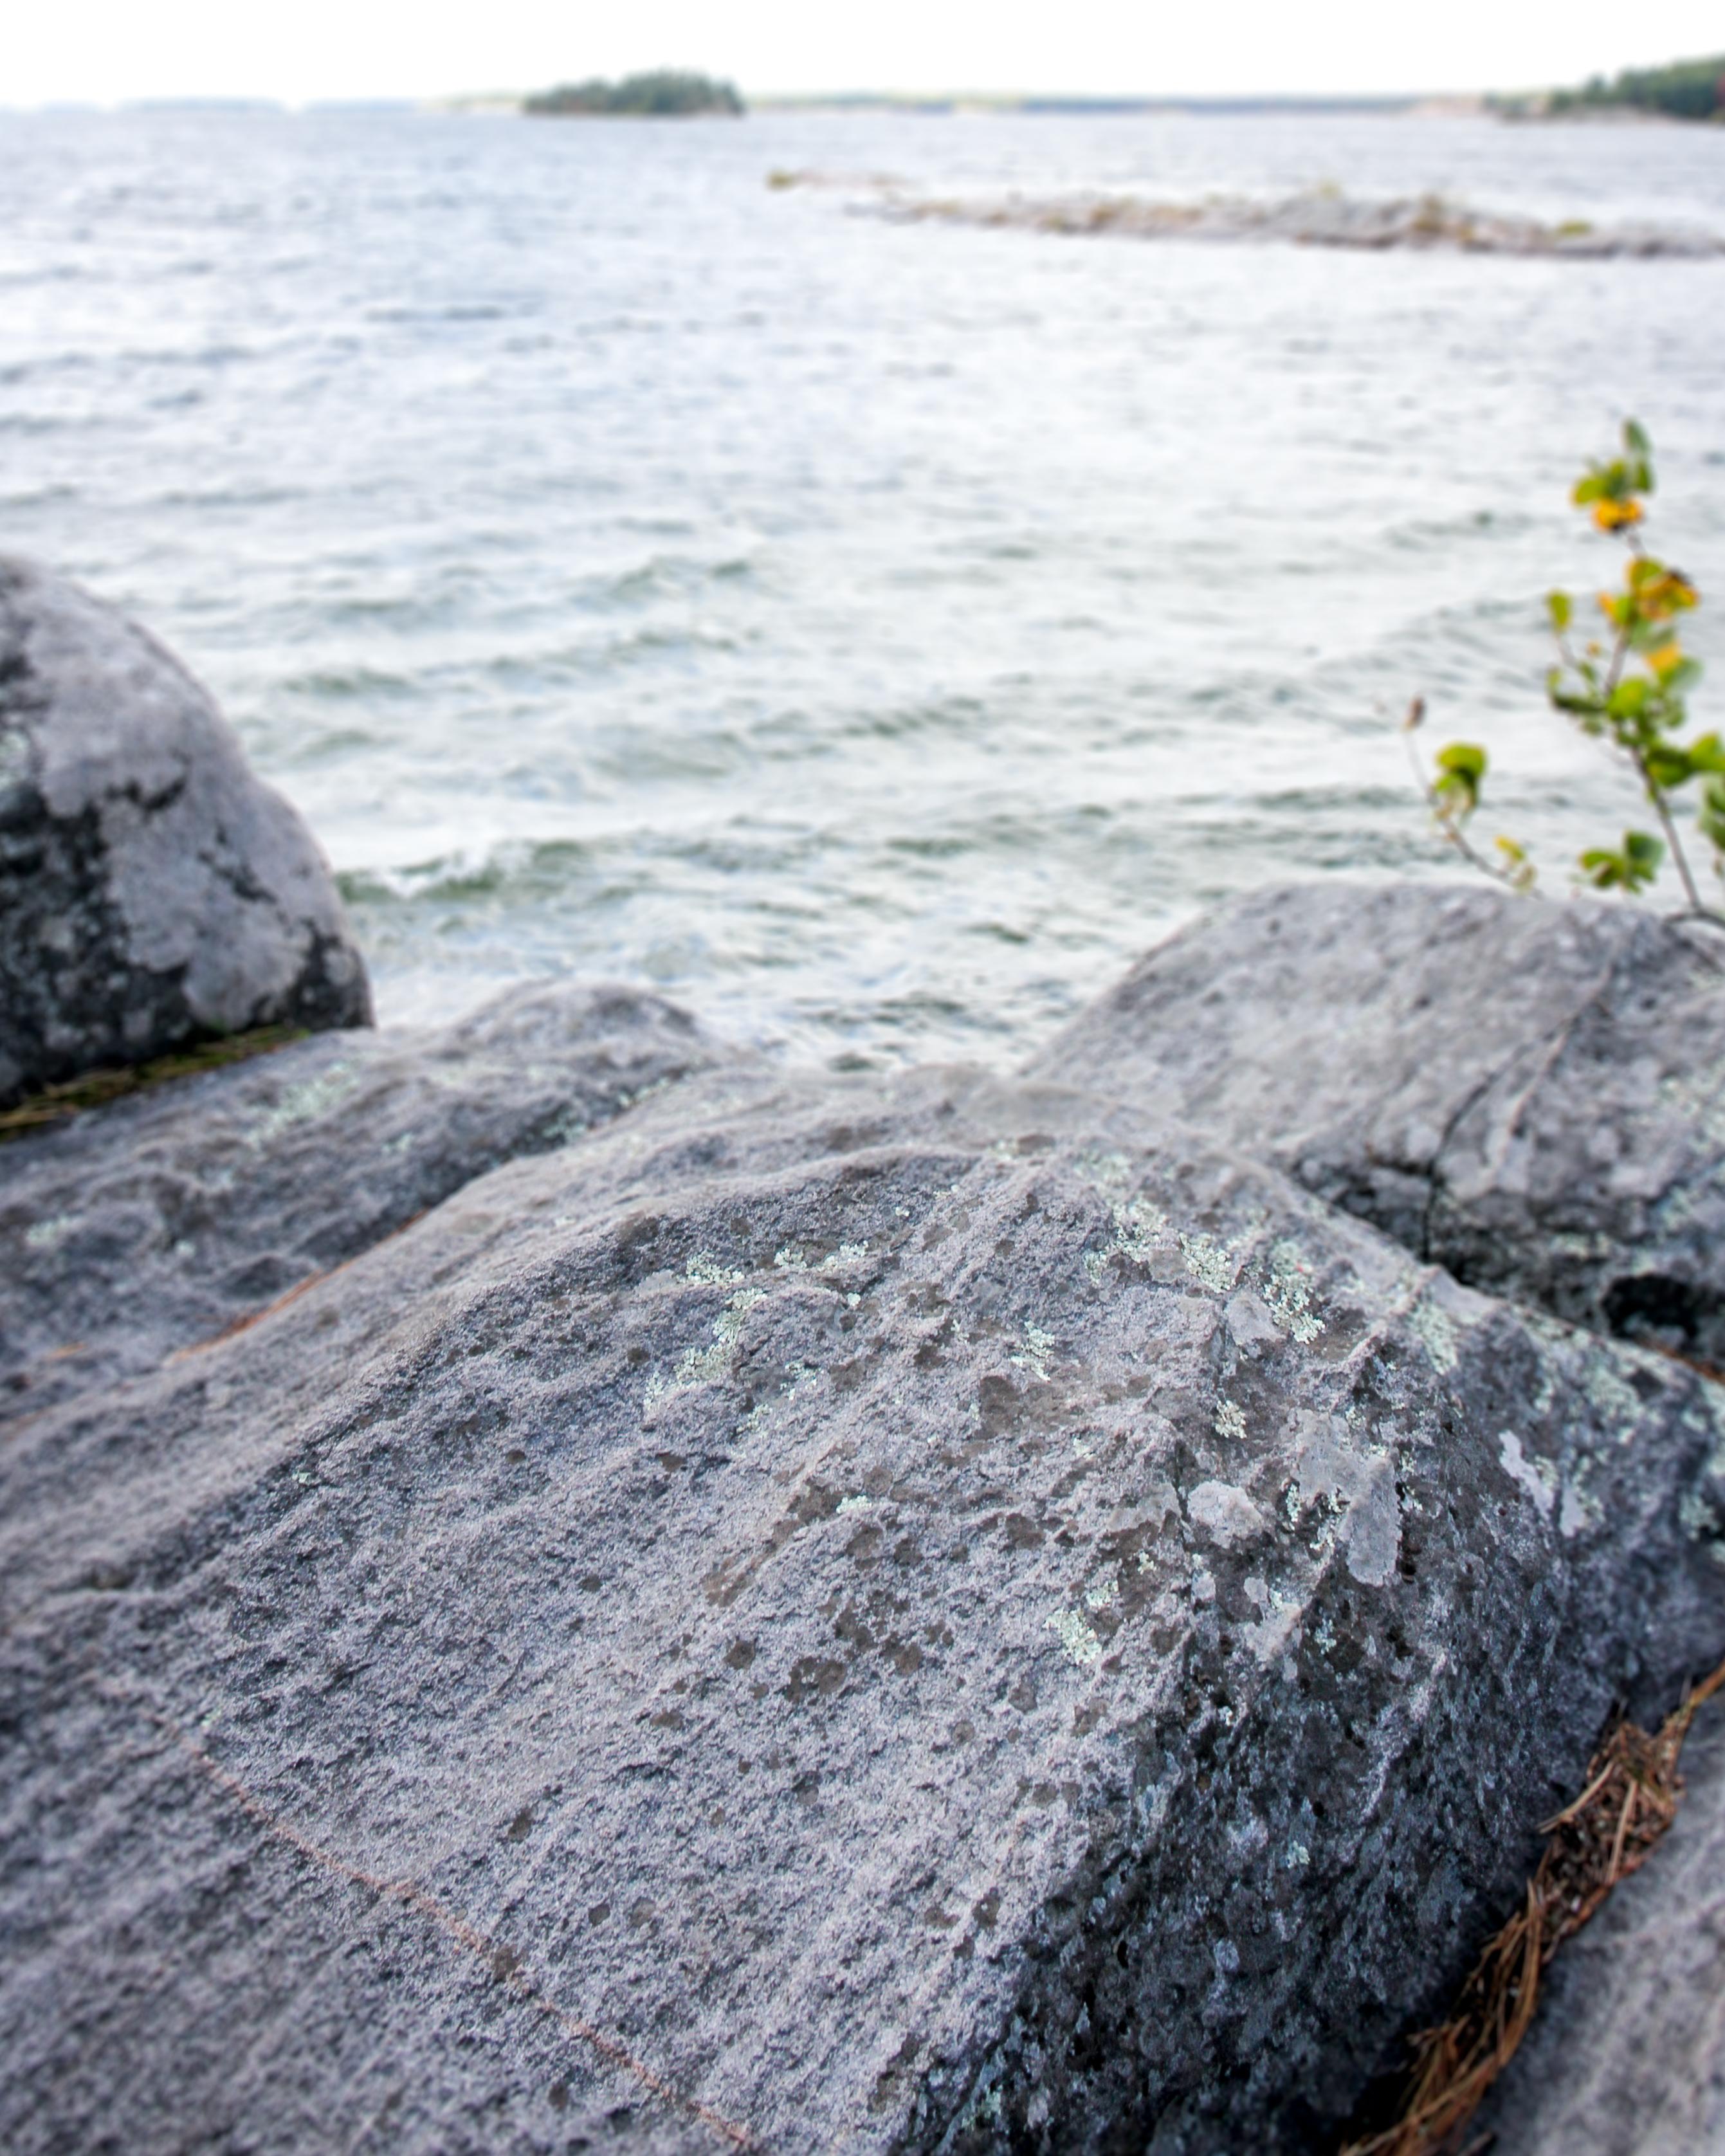 Killbear Georgian Bay Rock 8 x 10.jpg